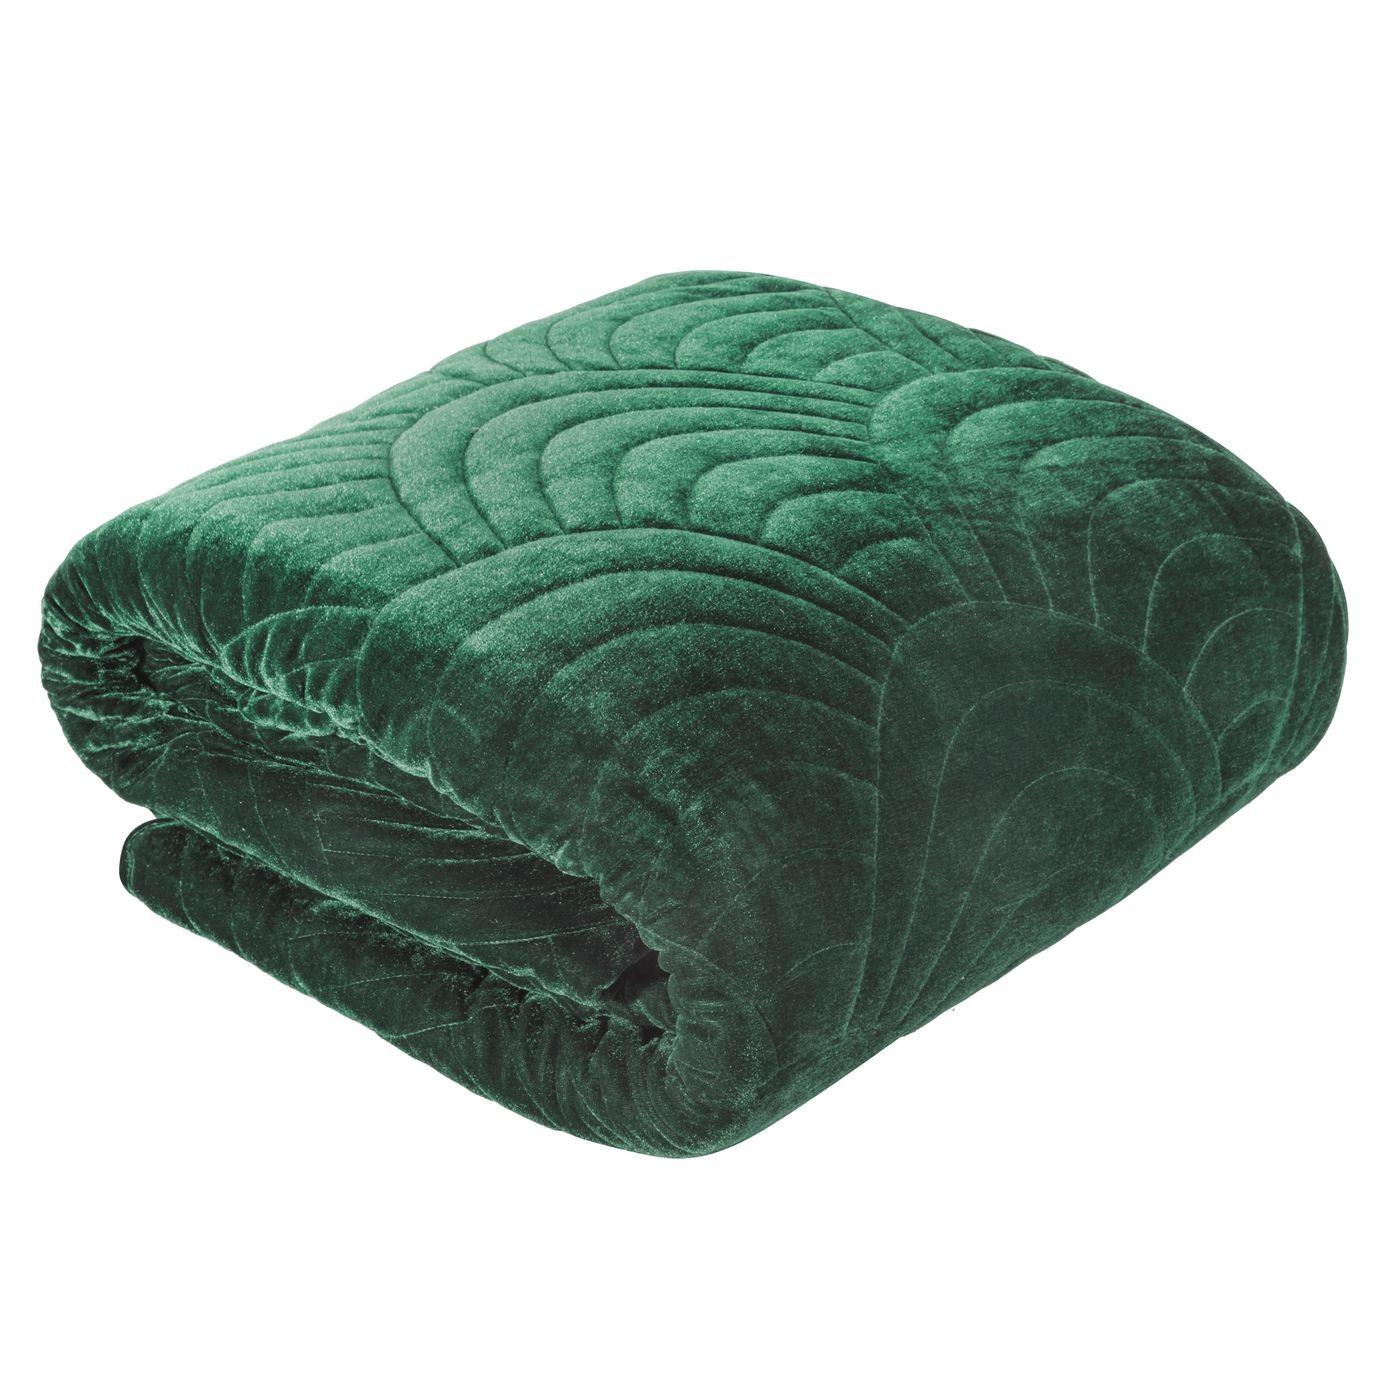 Ekskluzywna narzuta do sypialni pikowana - mój wybór Eva Minge -zieleń 170x210 cm